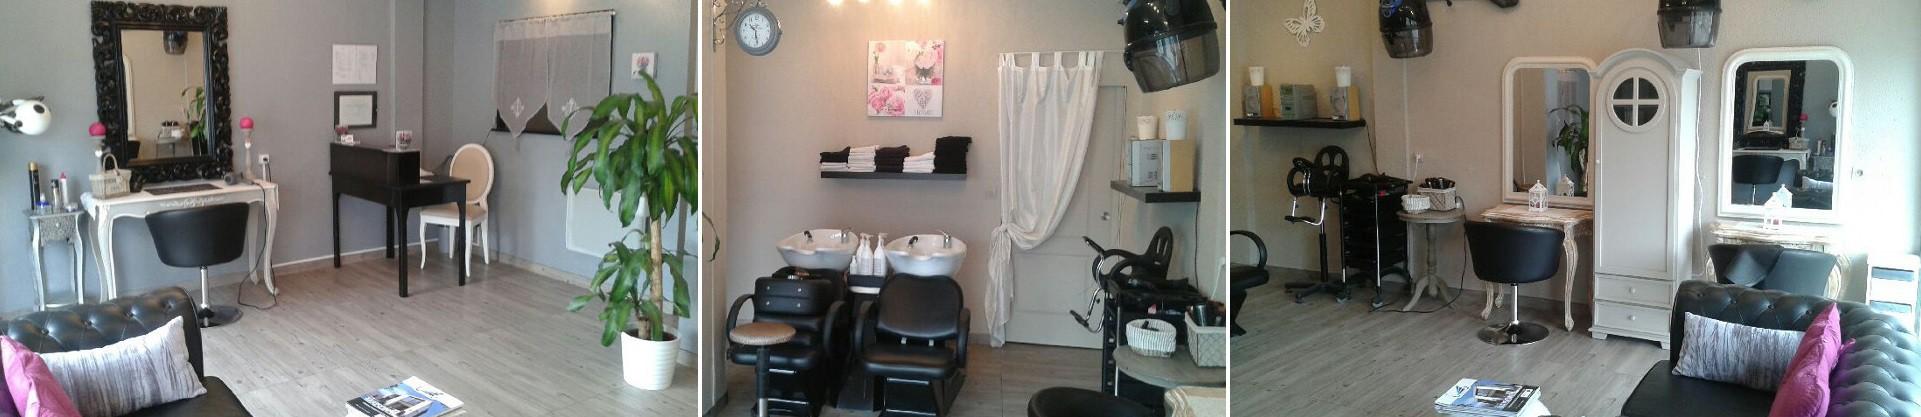 Studio cry 39 s coiffure salon de coiffure sur montpellier for Salon ce montpellier